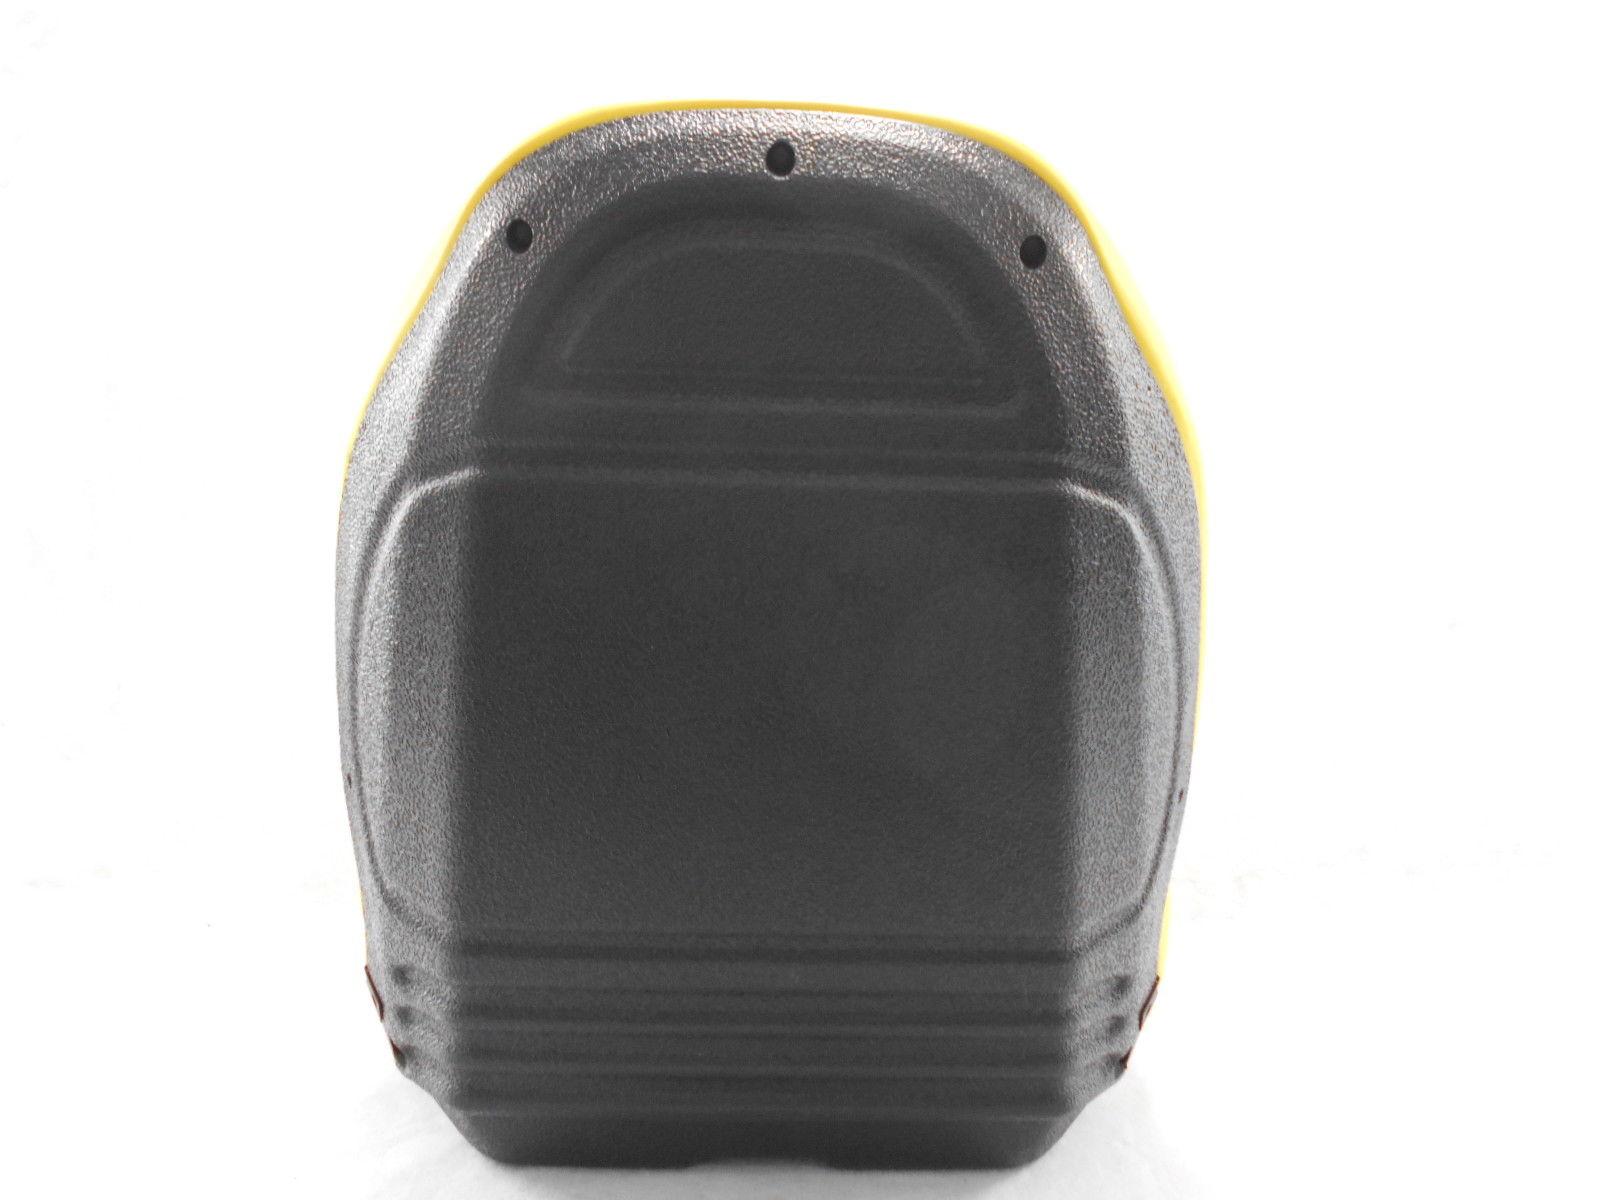 Yellow Seat John Deere F1145f910f911f912f915f925f930f932f935 F910 Wiring Diagram Bmai